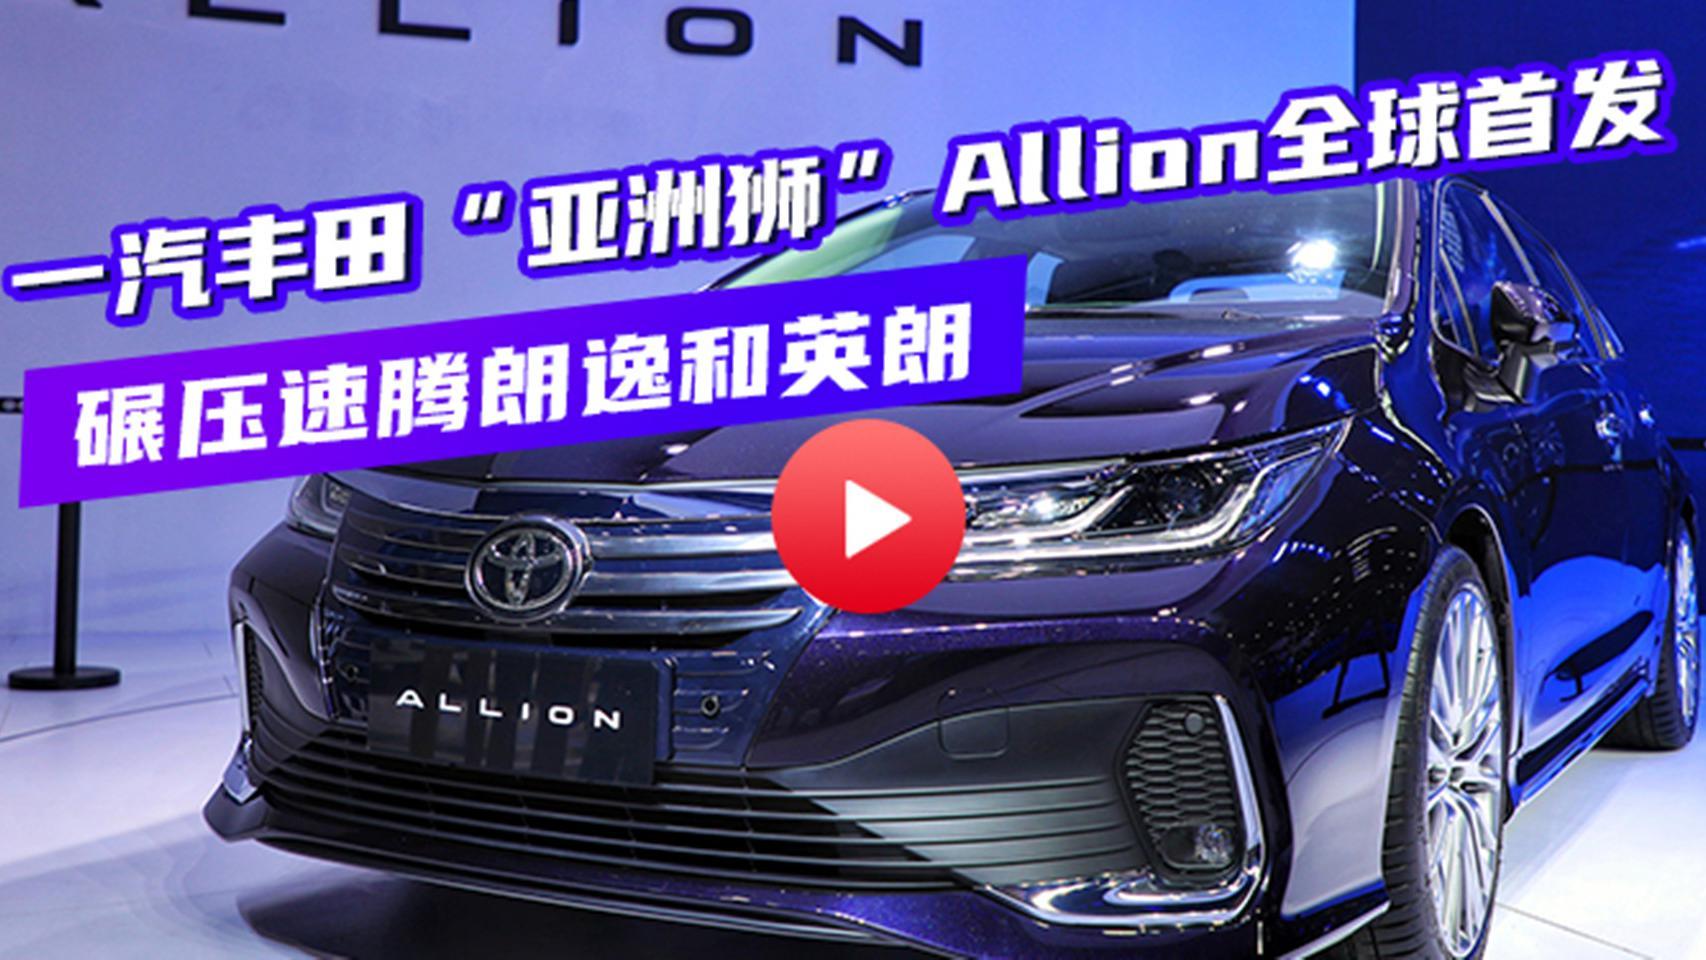 """视频:一汽丰田""""亚洲狮""""Allion全球首发 碾压速腾朗逸和英朗"""